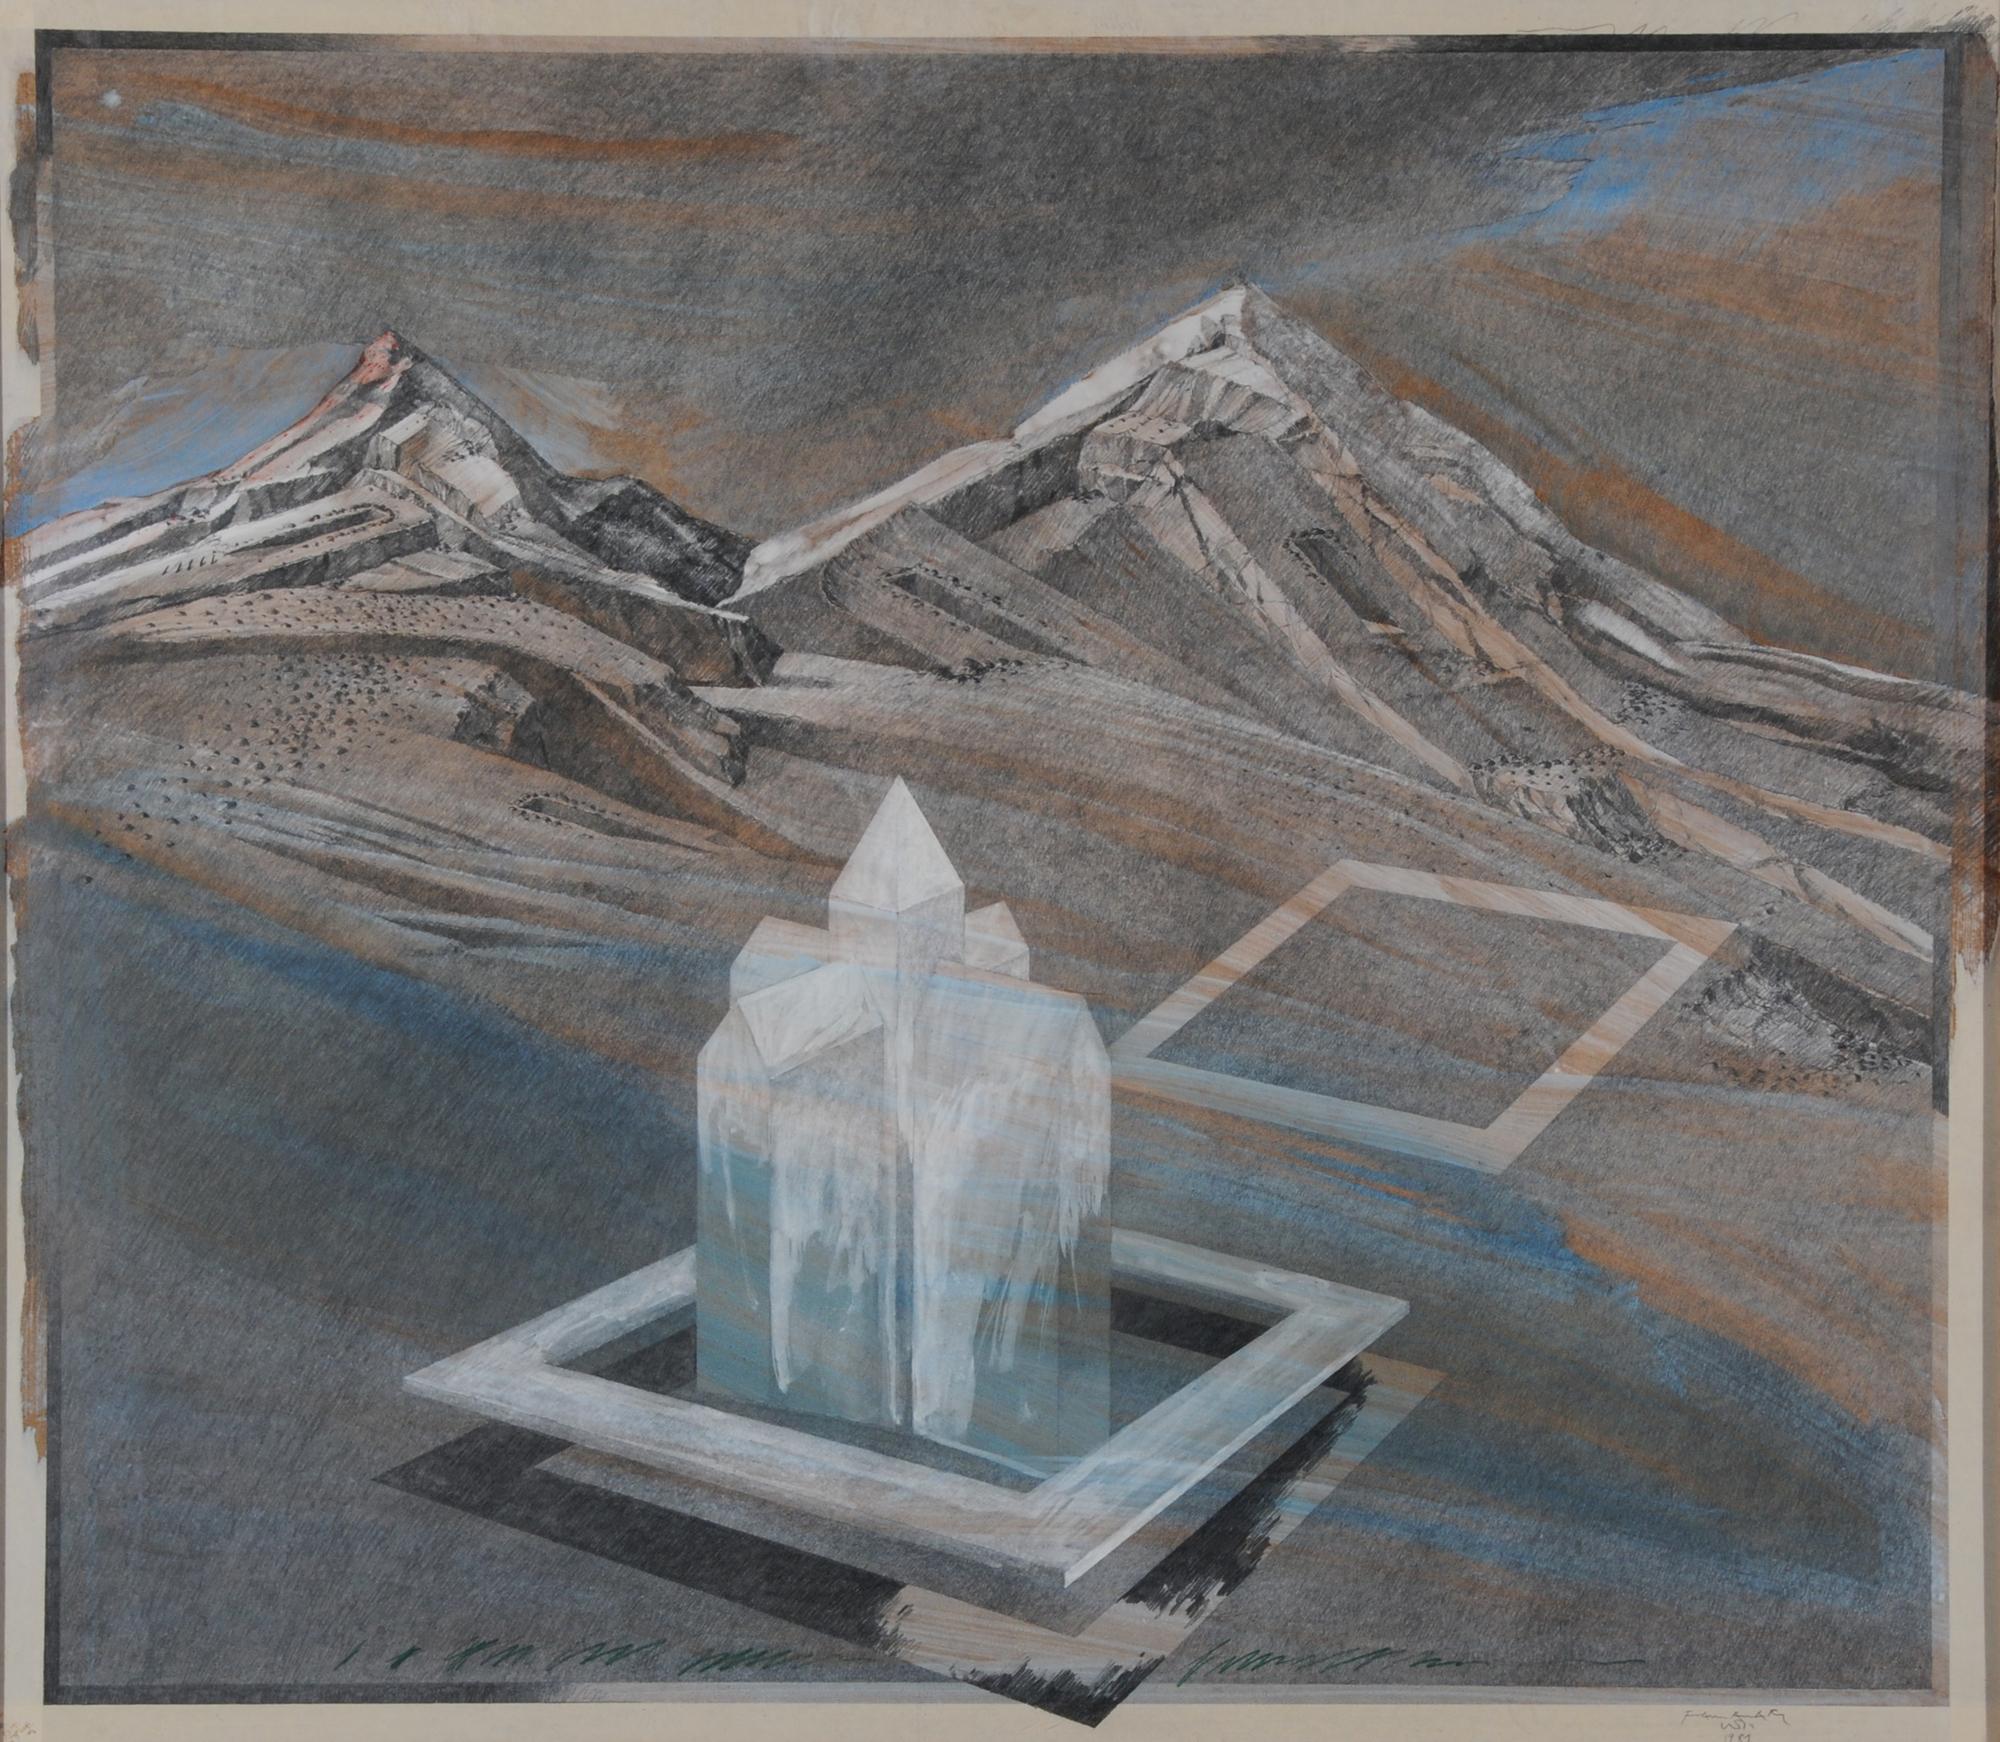 Wyss Franz Anatol, Landschaft mit Haus (Scenery with House)